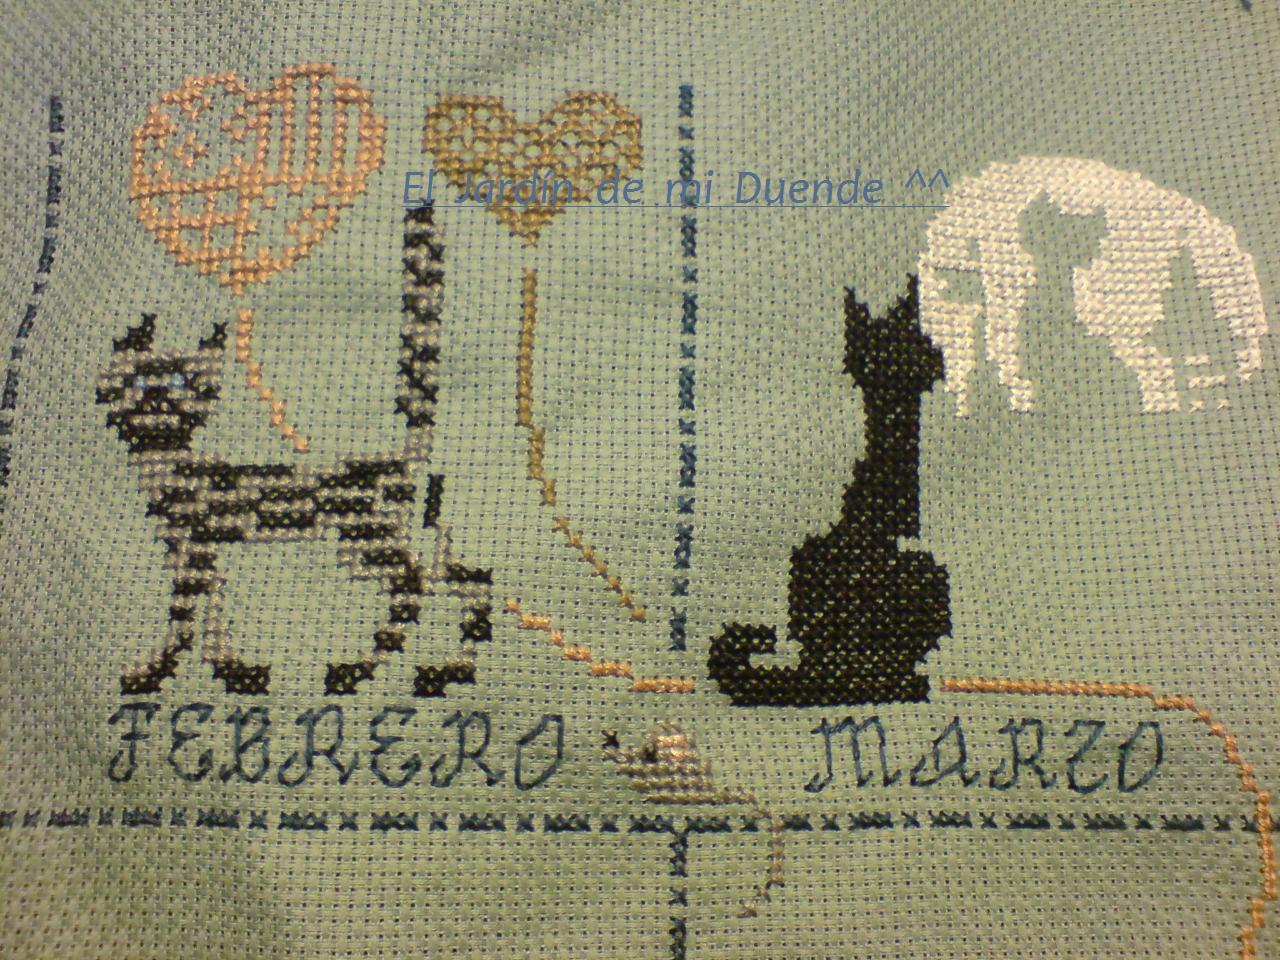 El jardin de mi duende meses con gatos ii for Ahuyentar gatos de mi jardin